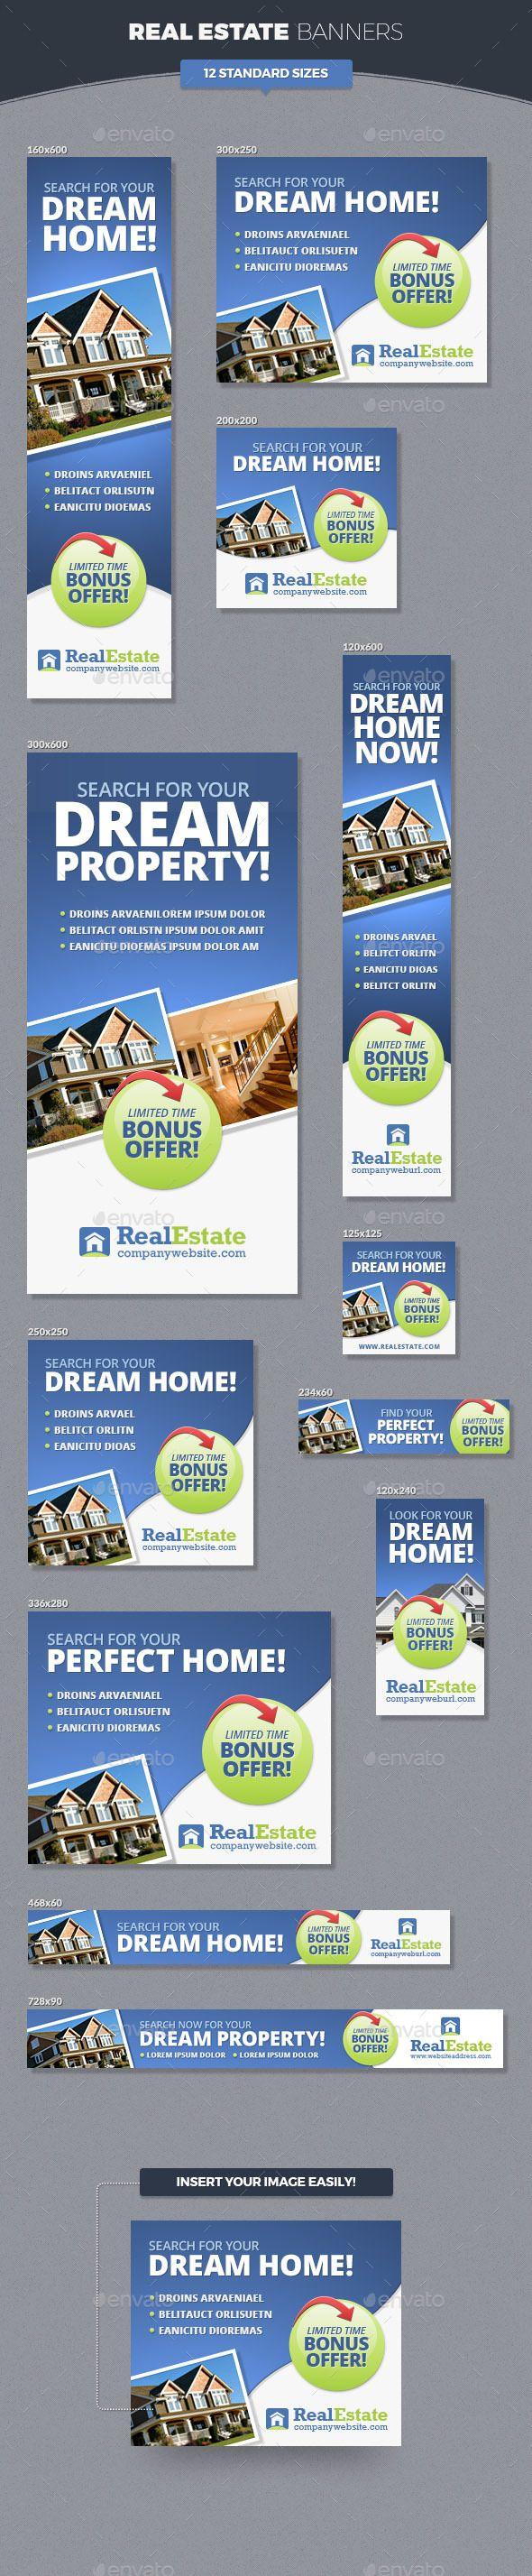 Real Estate Banner Ads Tempalte #design Download: http://graphicriver.net/item/real-estate-banner-ads/11453206?ref=ksioks